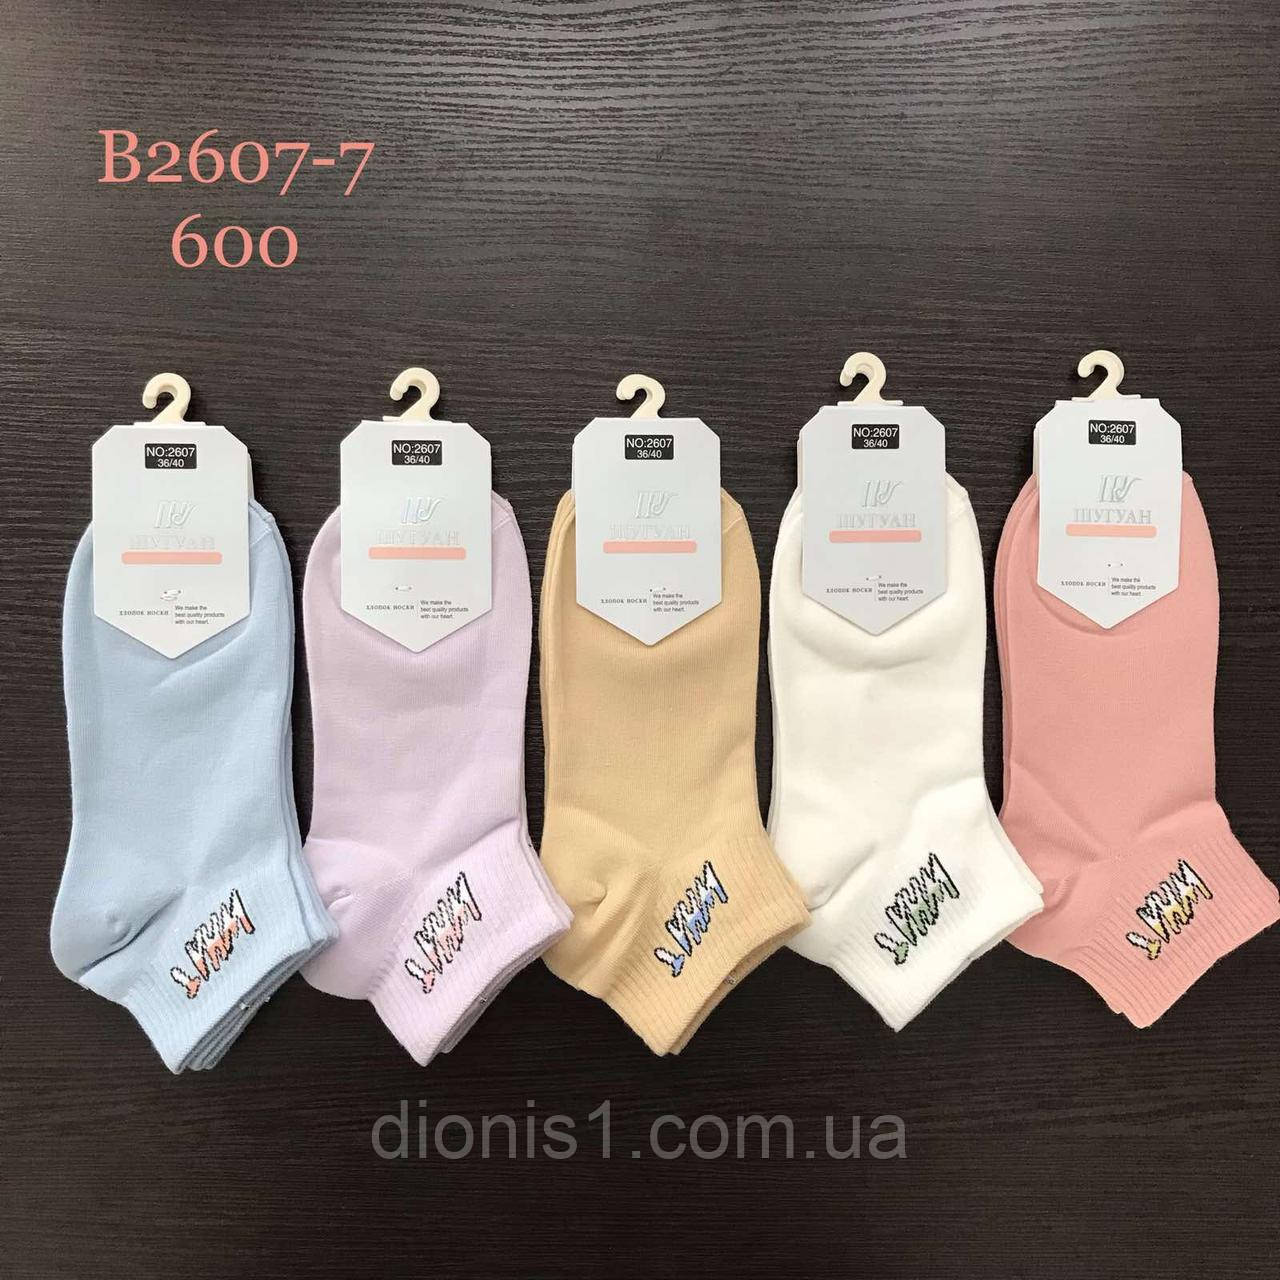 Носки женские нежность размер 36-40 10 шт в уп. Шугуан